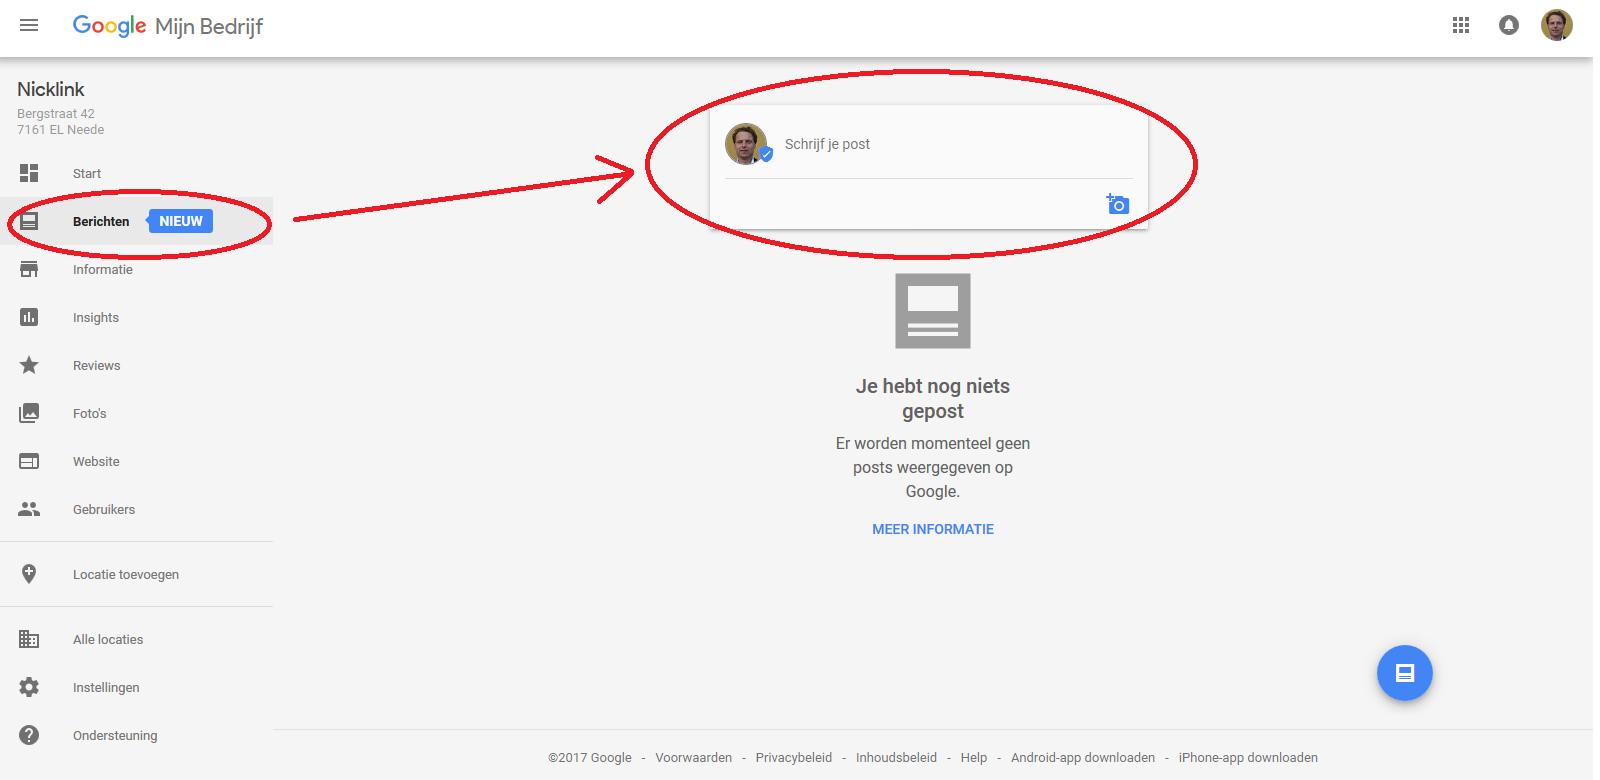 Startpagina met aanwijzingen voor starten posts Knowledge panel via Google Mijn Bedrijf